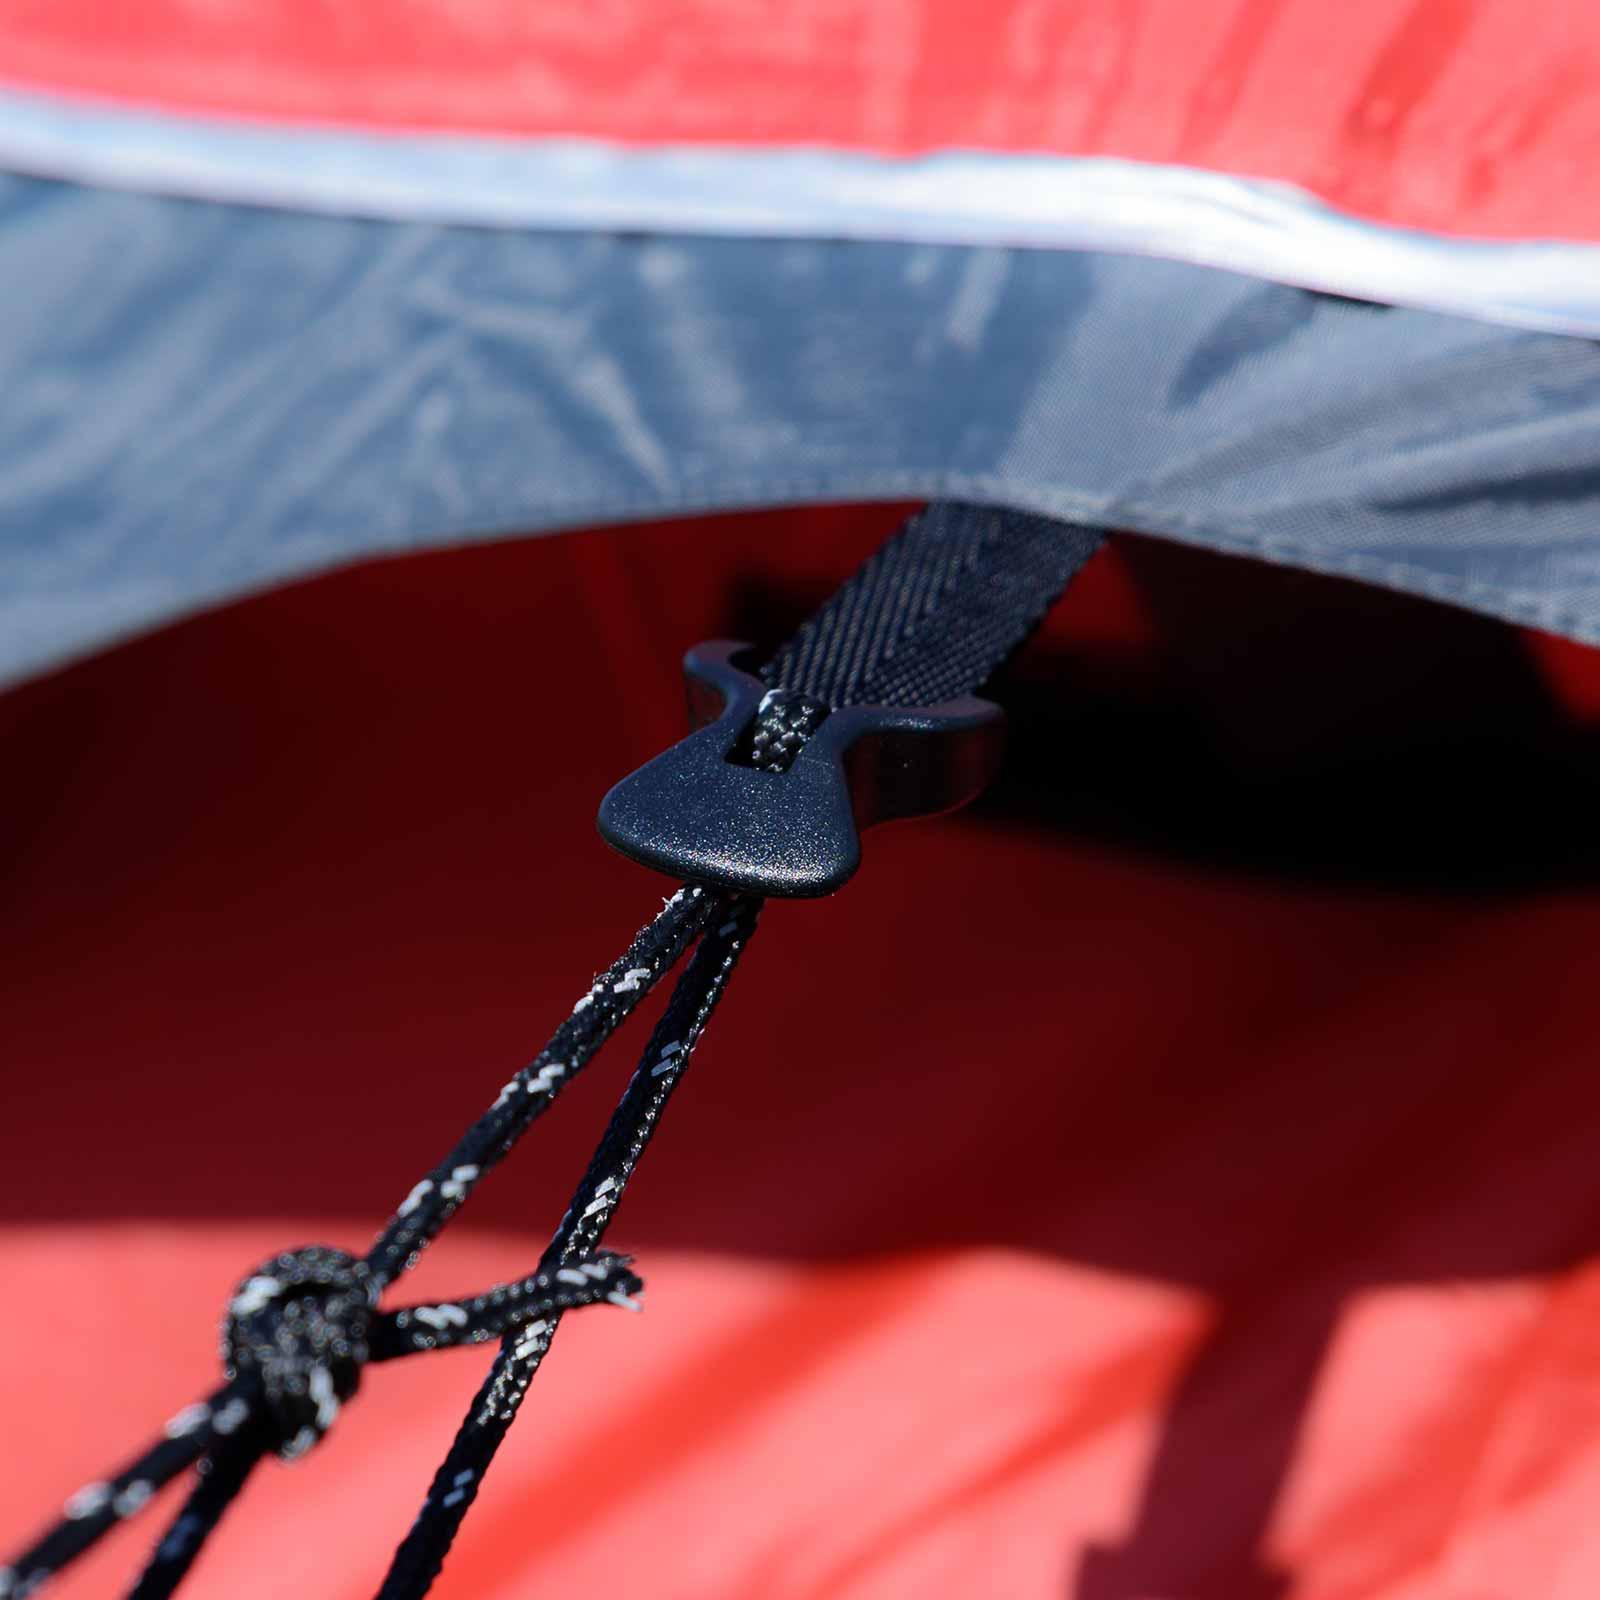 trekkingzelt ferrino lightent 1 mann zelt bikezelt 1 personen camping leichtzelt ebay. Black Bedroom Furniture Sets. Home Design Ideas